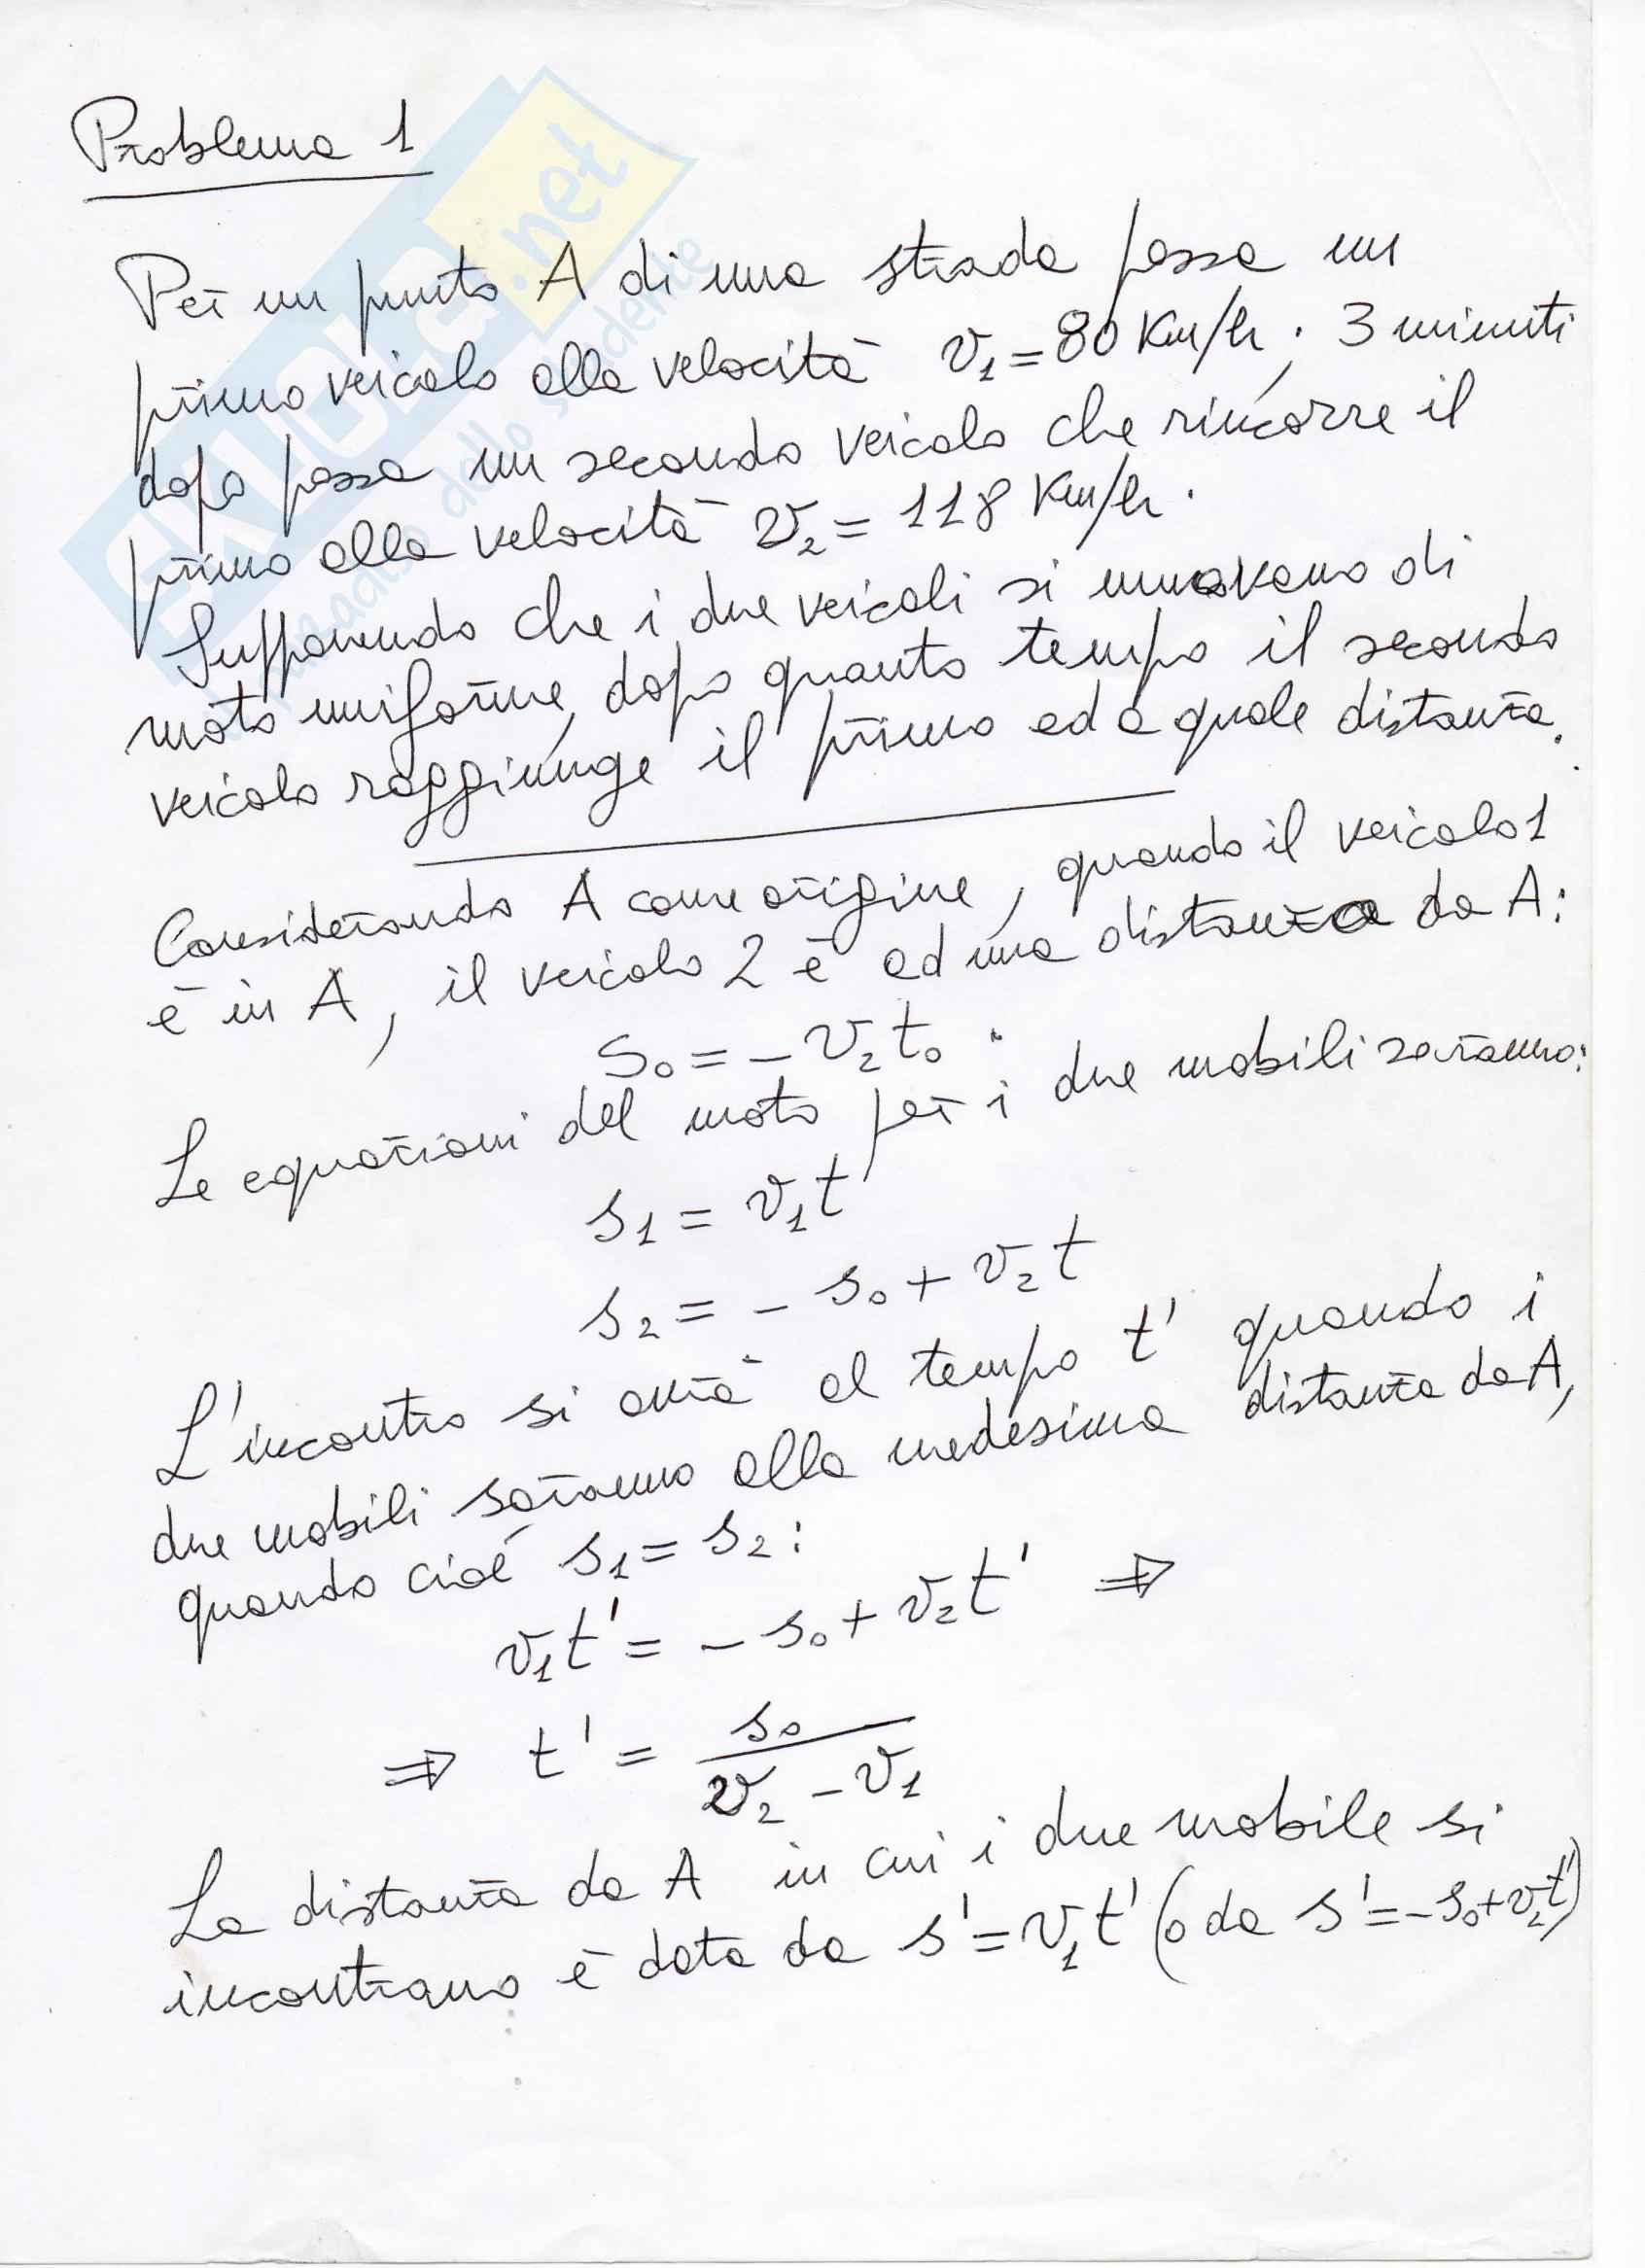 Problemi d'esame sulla Meccanica